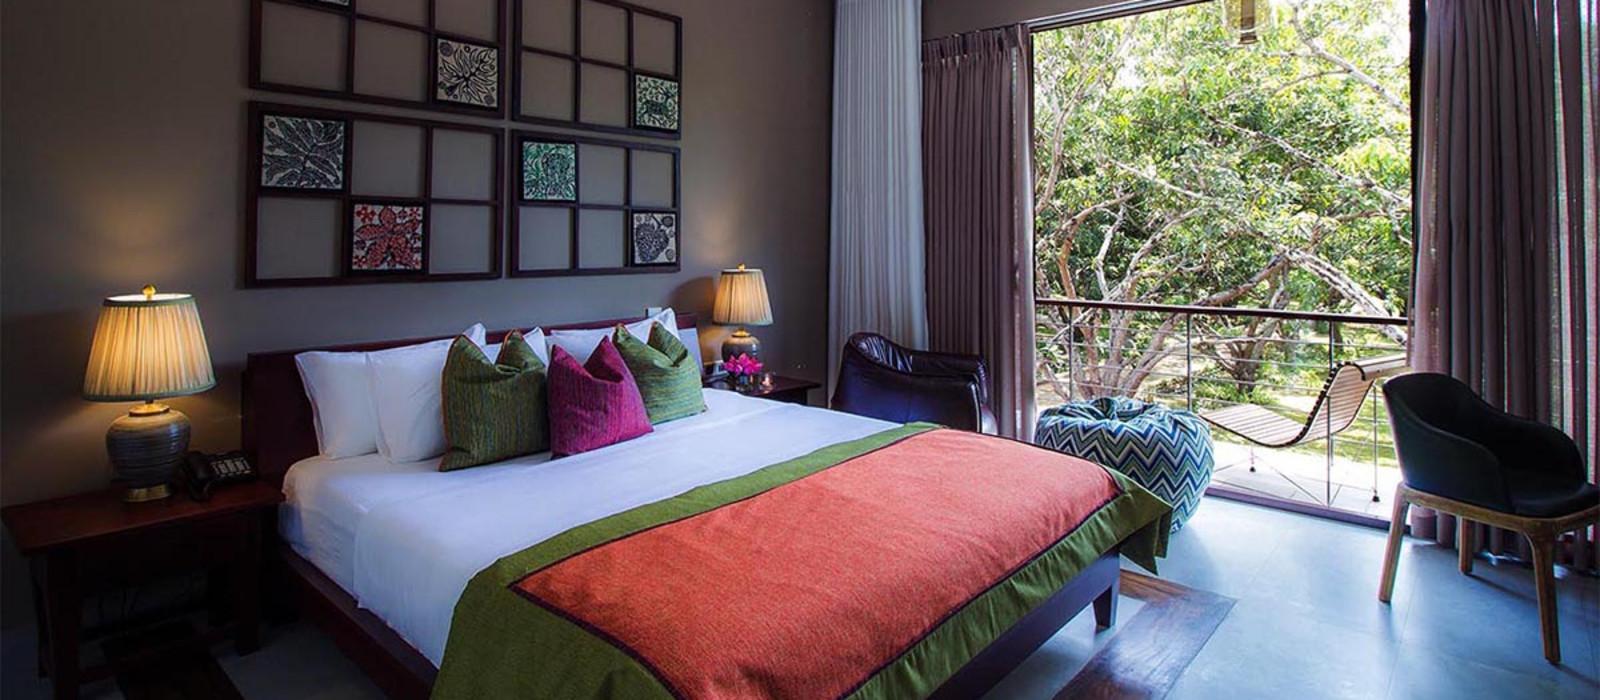 Hotel Sigiriana Resort by Thilanka Sri Lanka